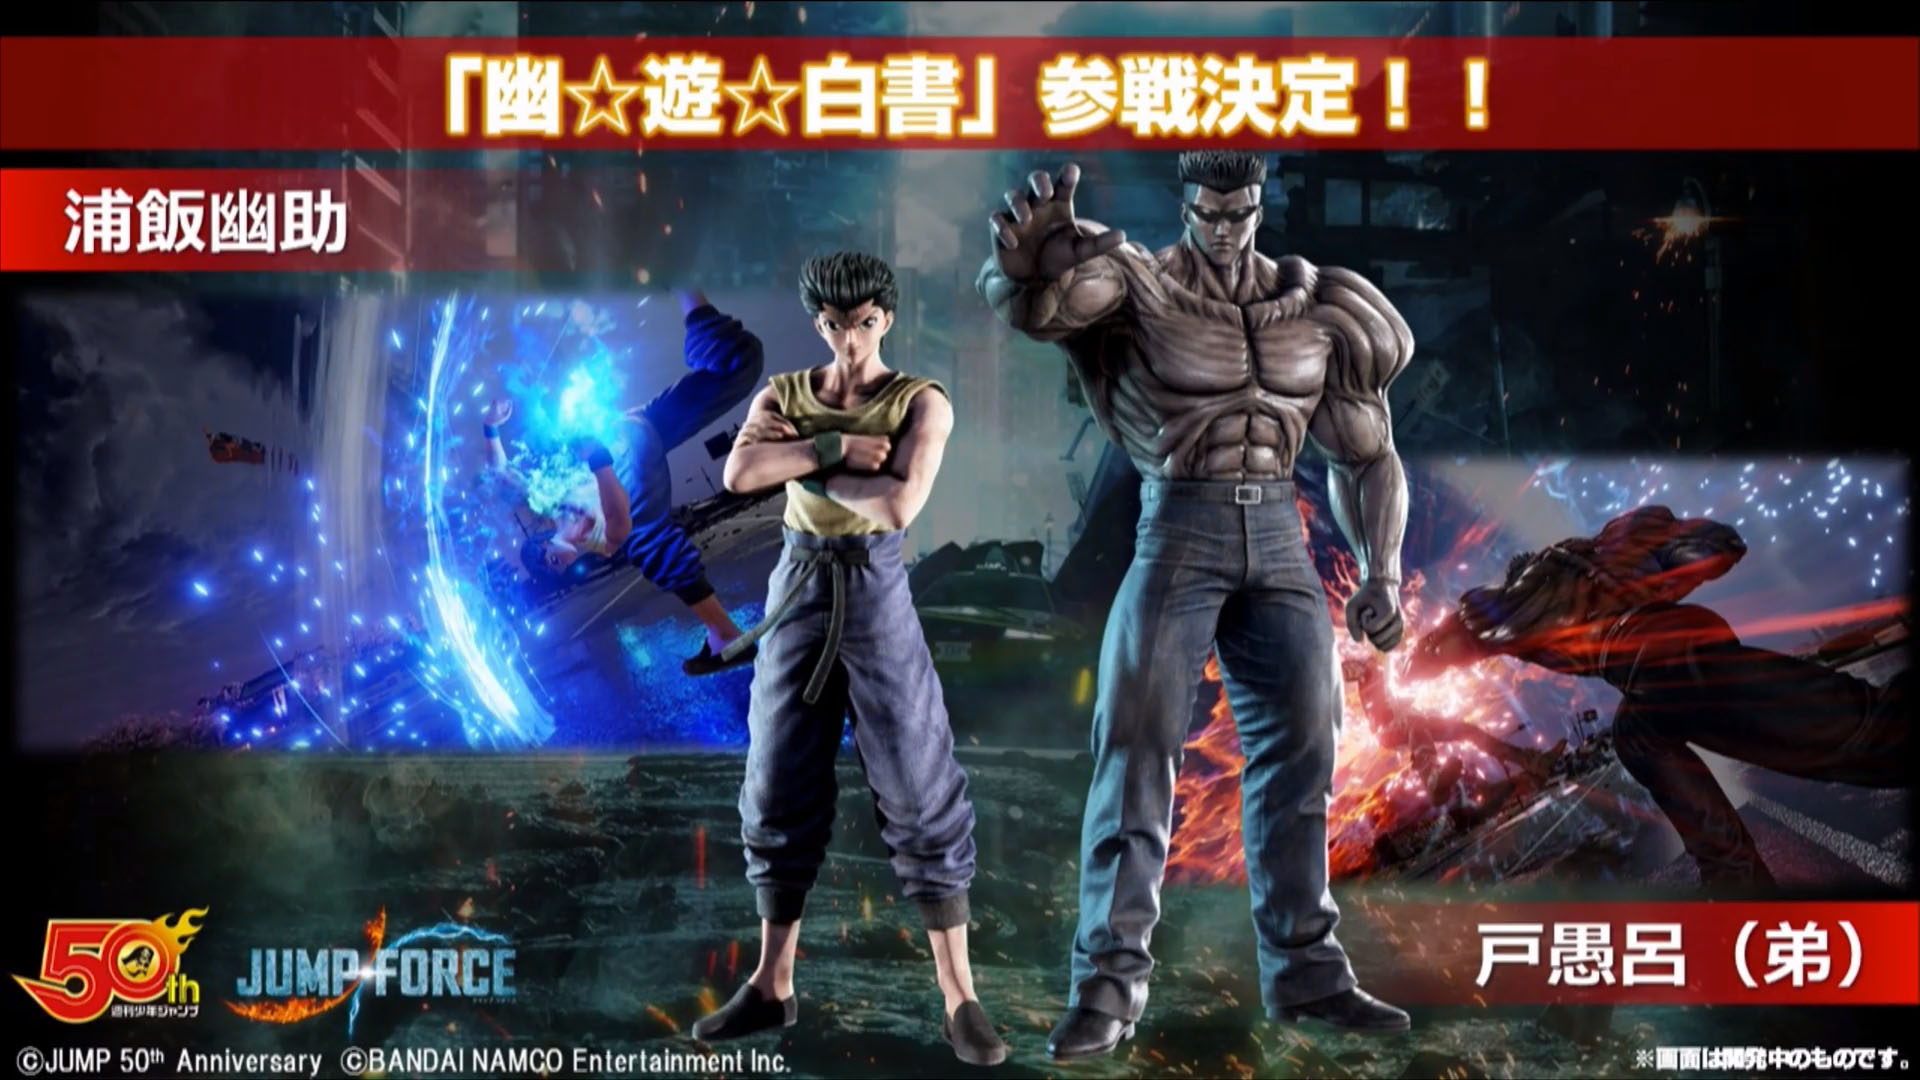 TGS 2018:浦饭幽助登陆《JUMP大乱斗》 游戏监督也要登场